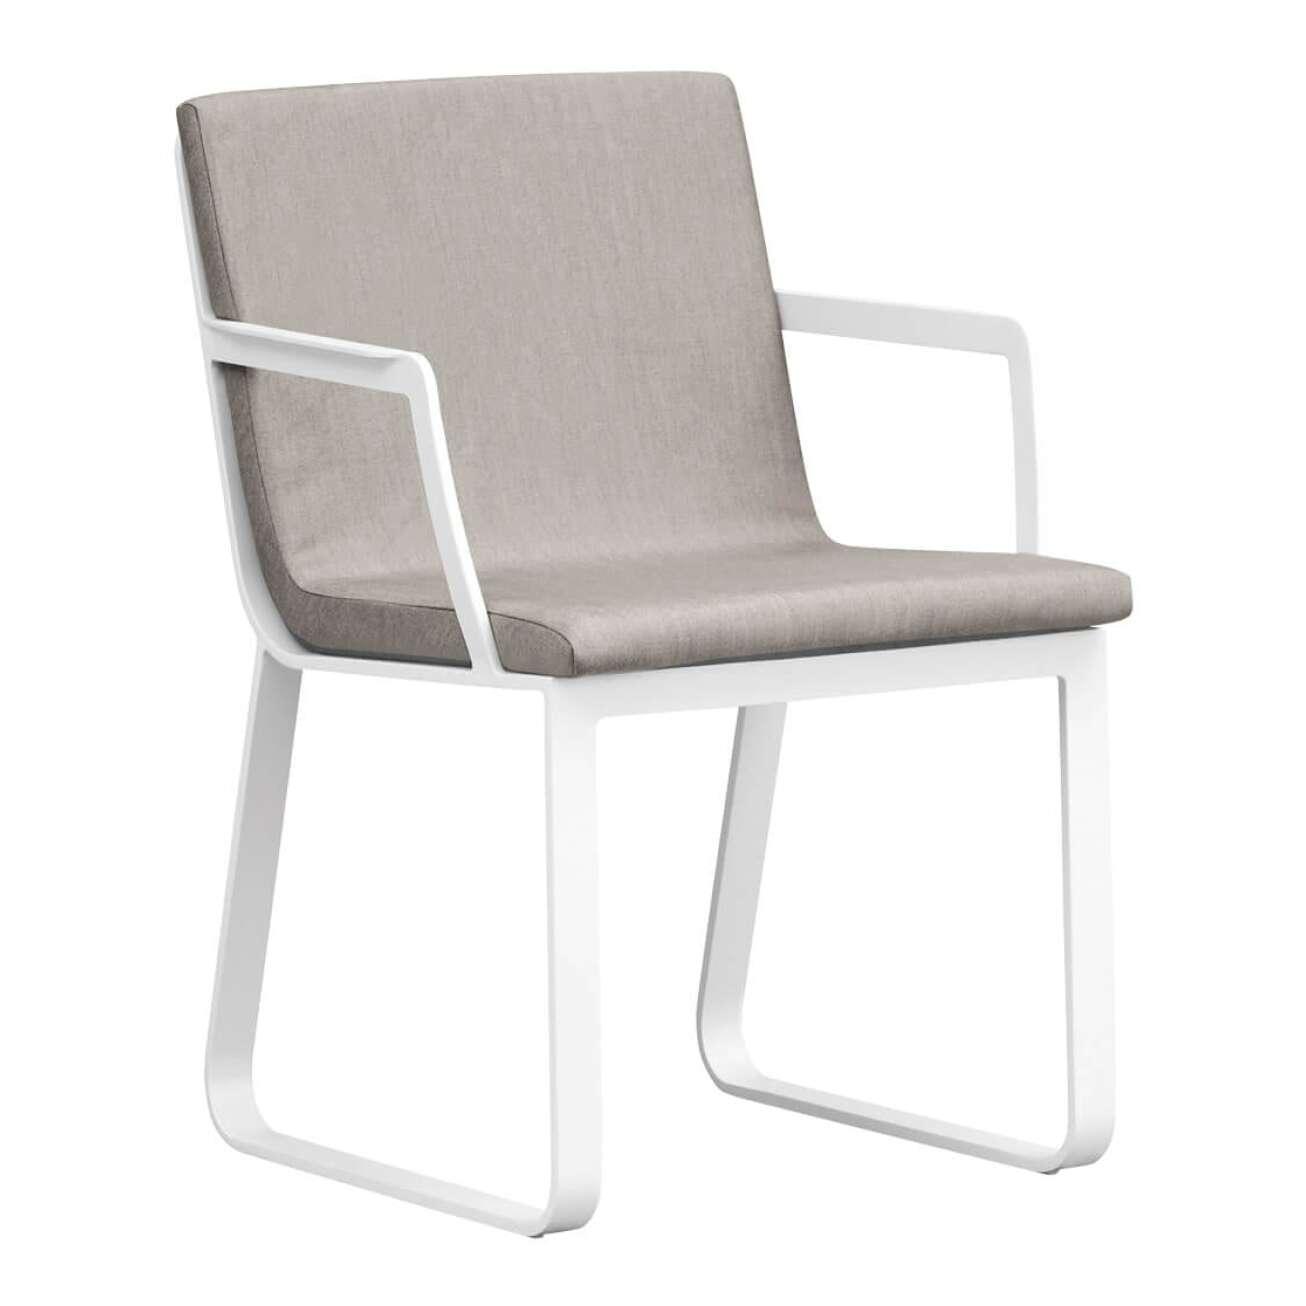 Stol i hvit aluminium med sete i beige tekstil med armlene